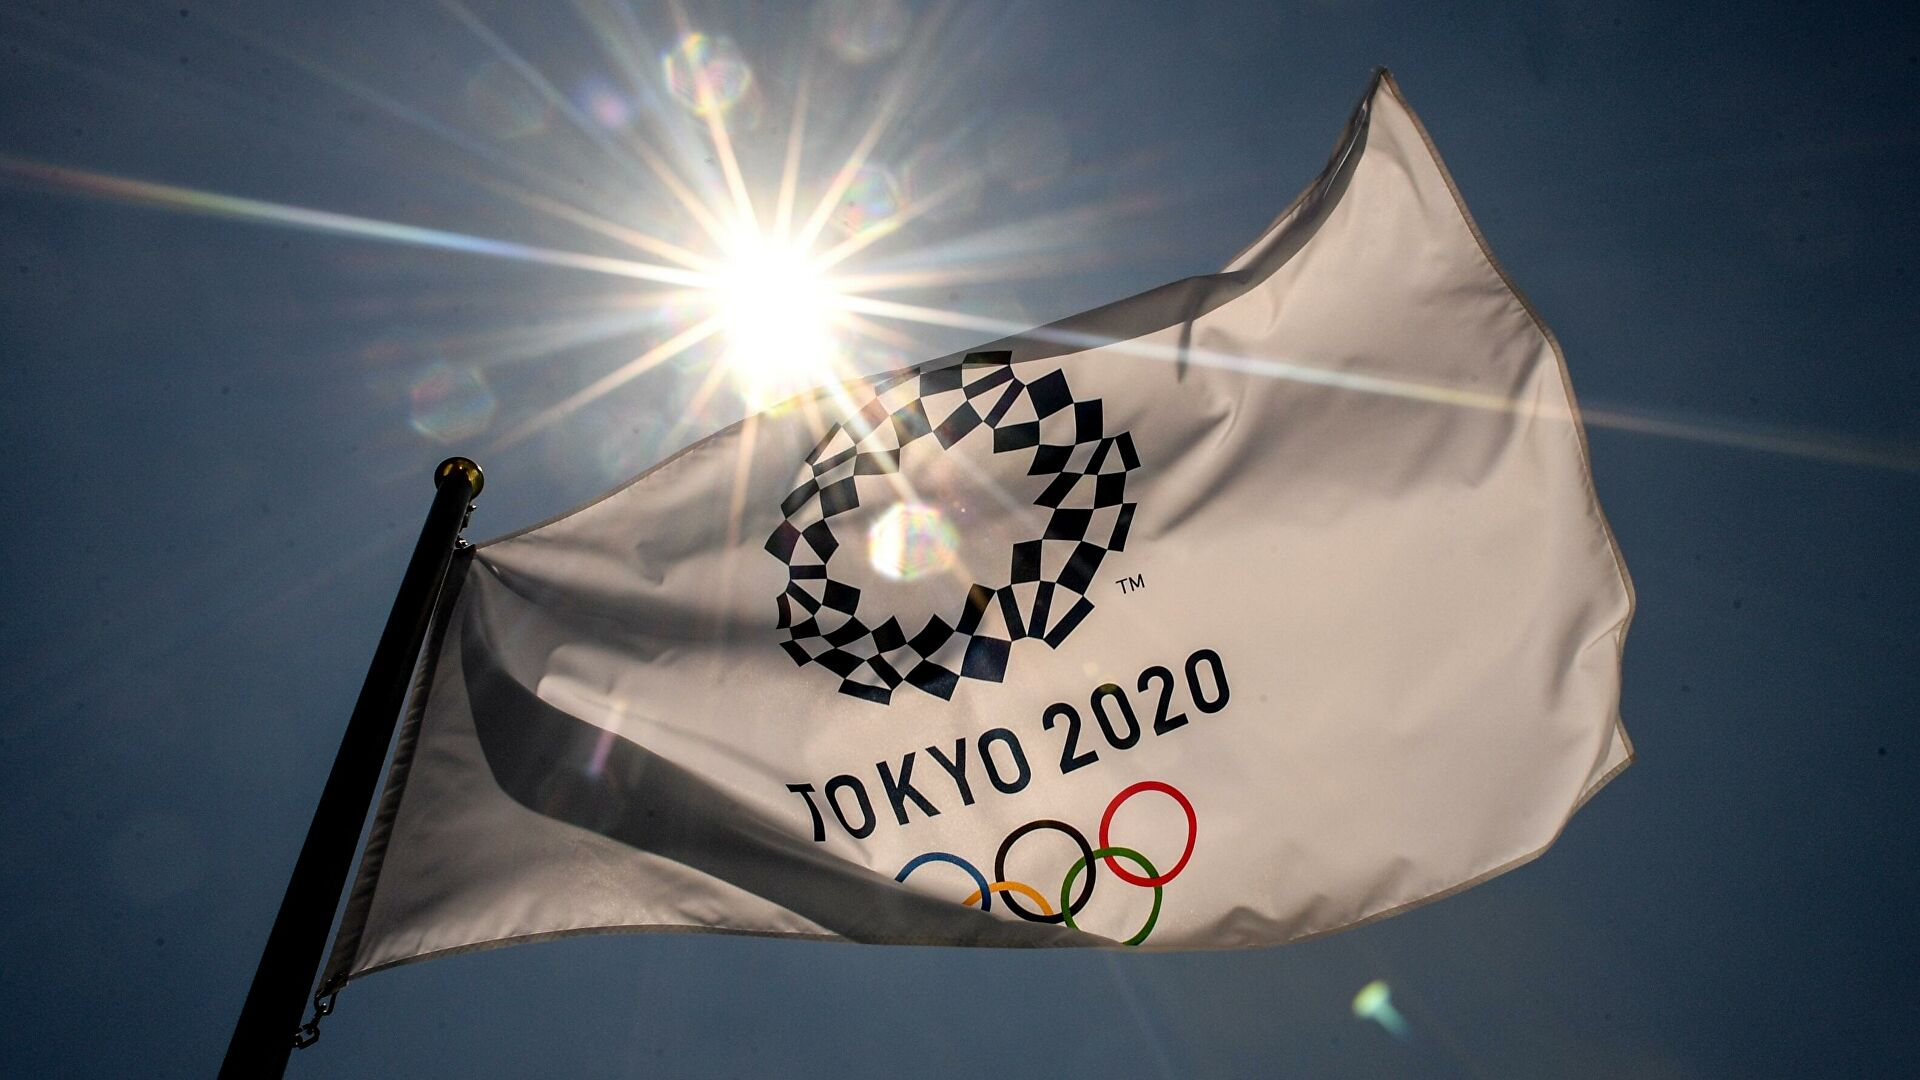 Спортивное чудо: от ангельской улыбки Алины Кабаевой начали рассыпаться олимпийские медали, украденные у русской команды в Токио